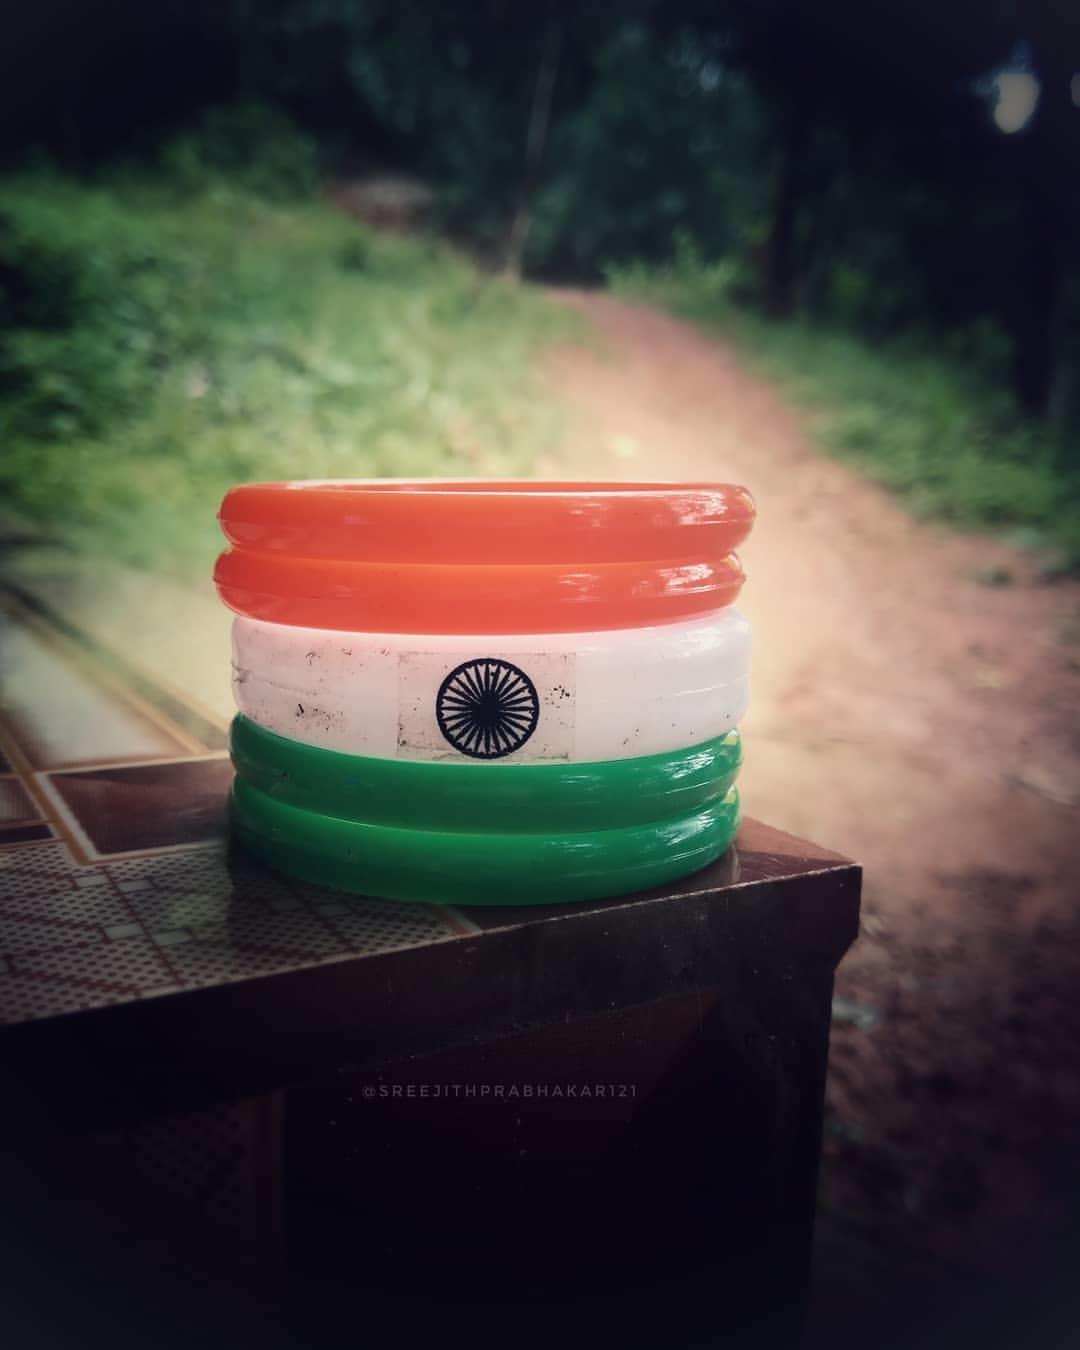 flag #indianflag